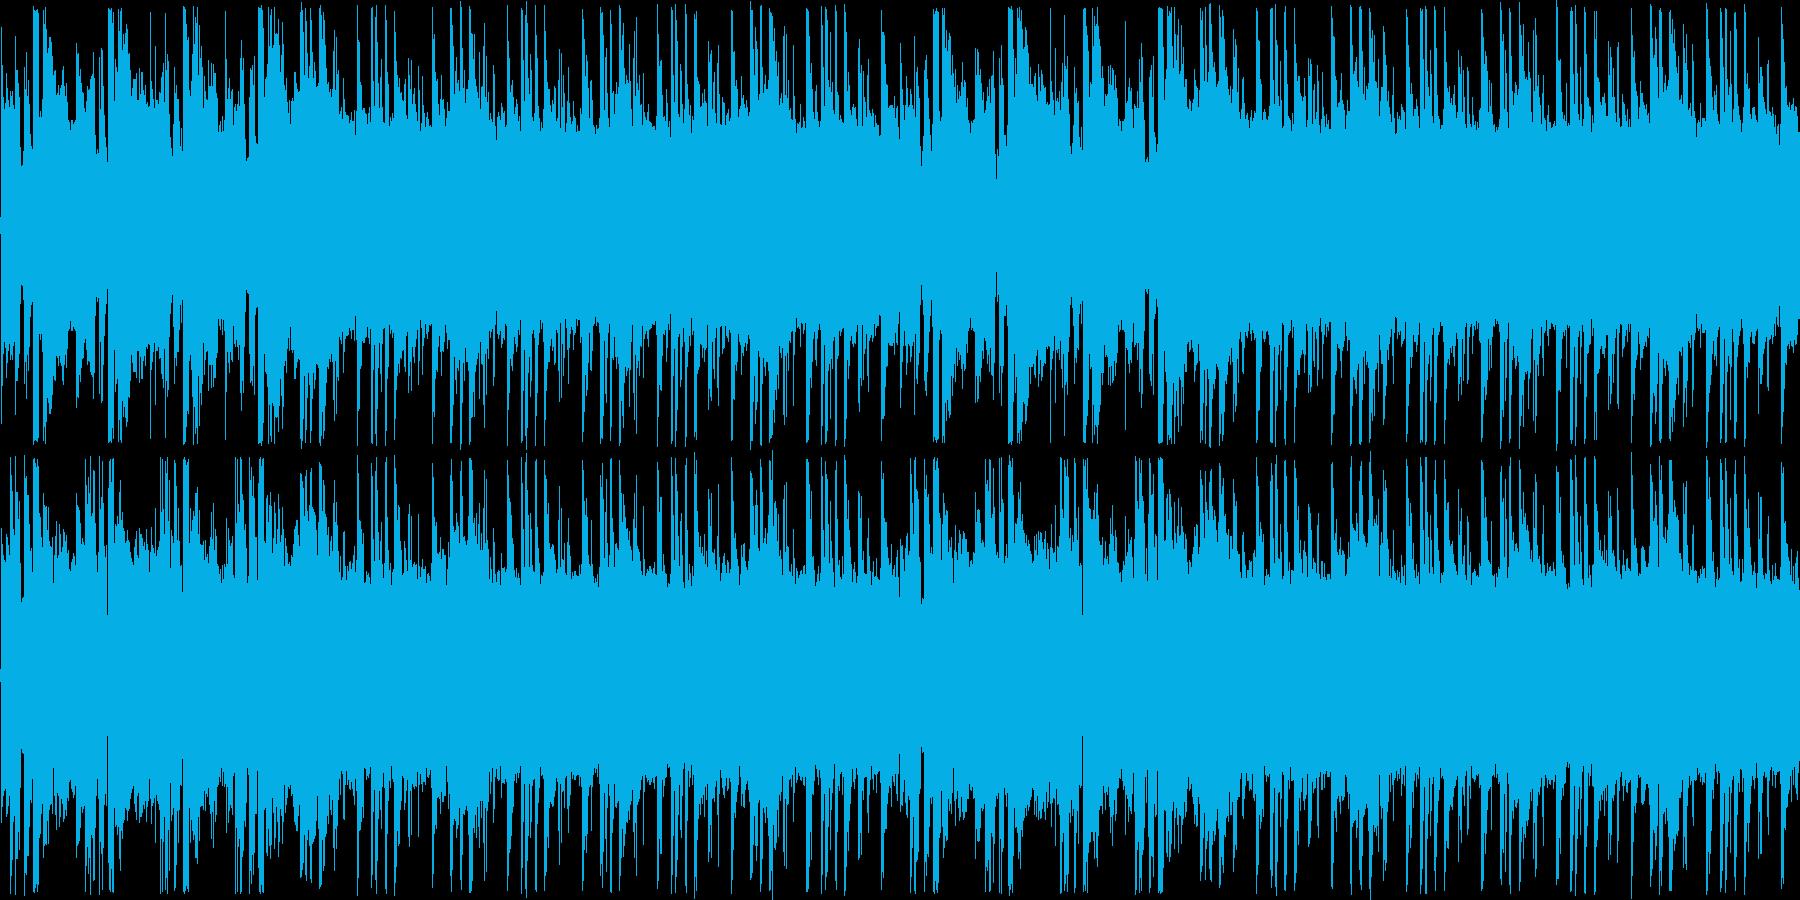 【戦隊もの/ヒーローショー/ゆるキャラ】の再生済みの波形